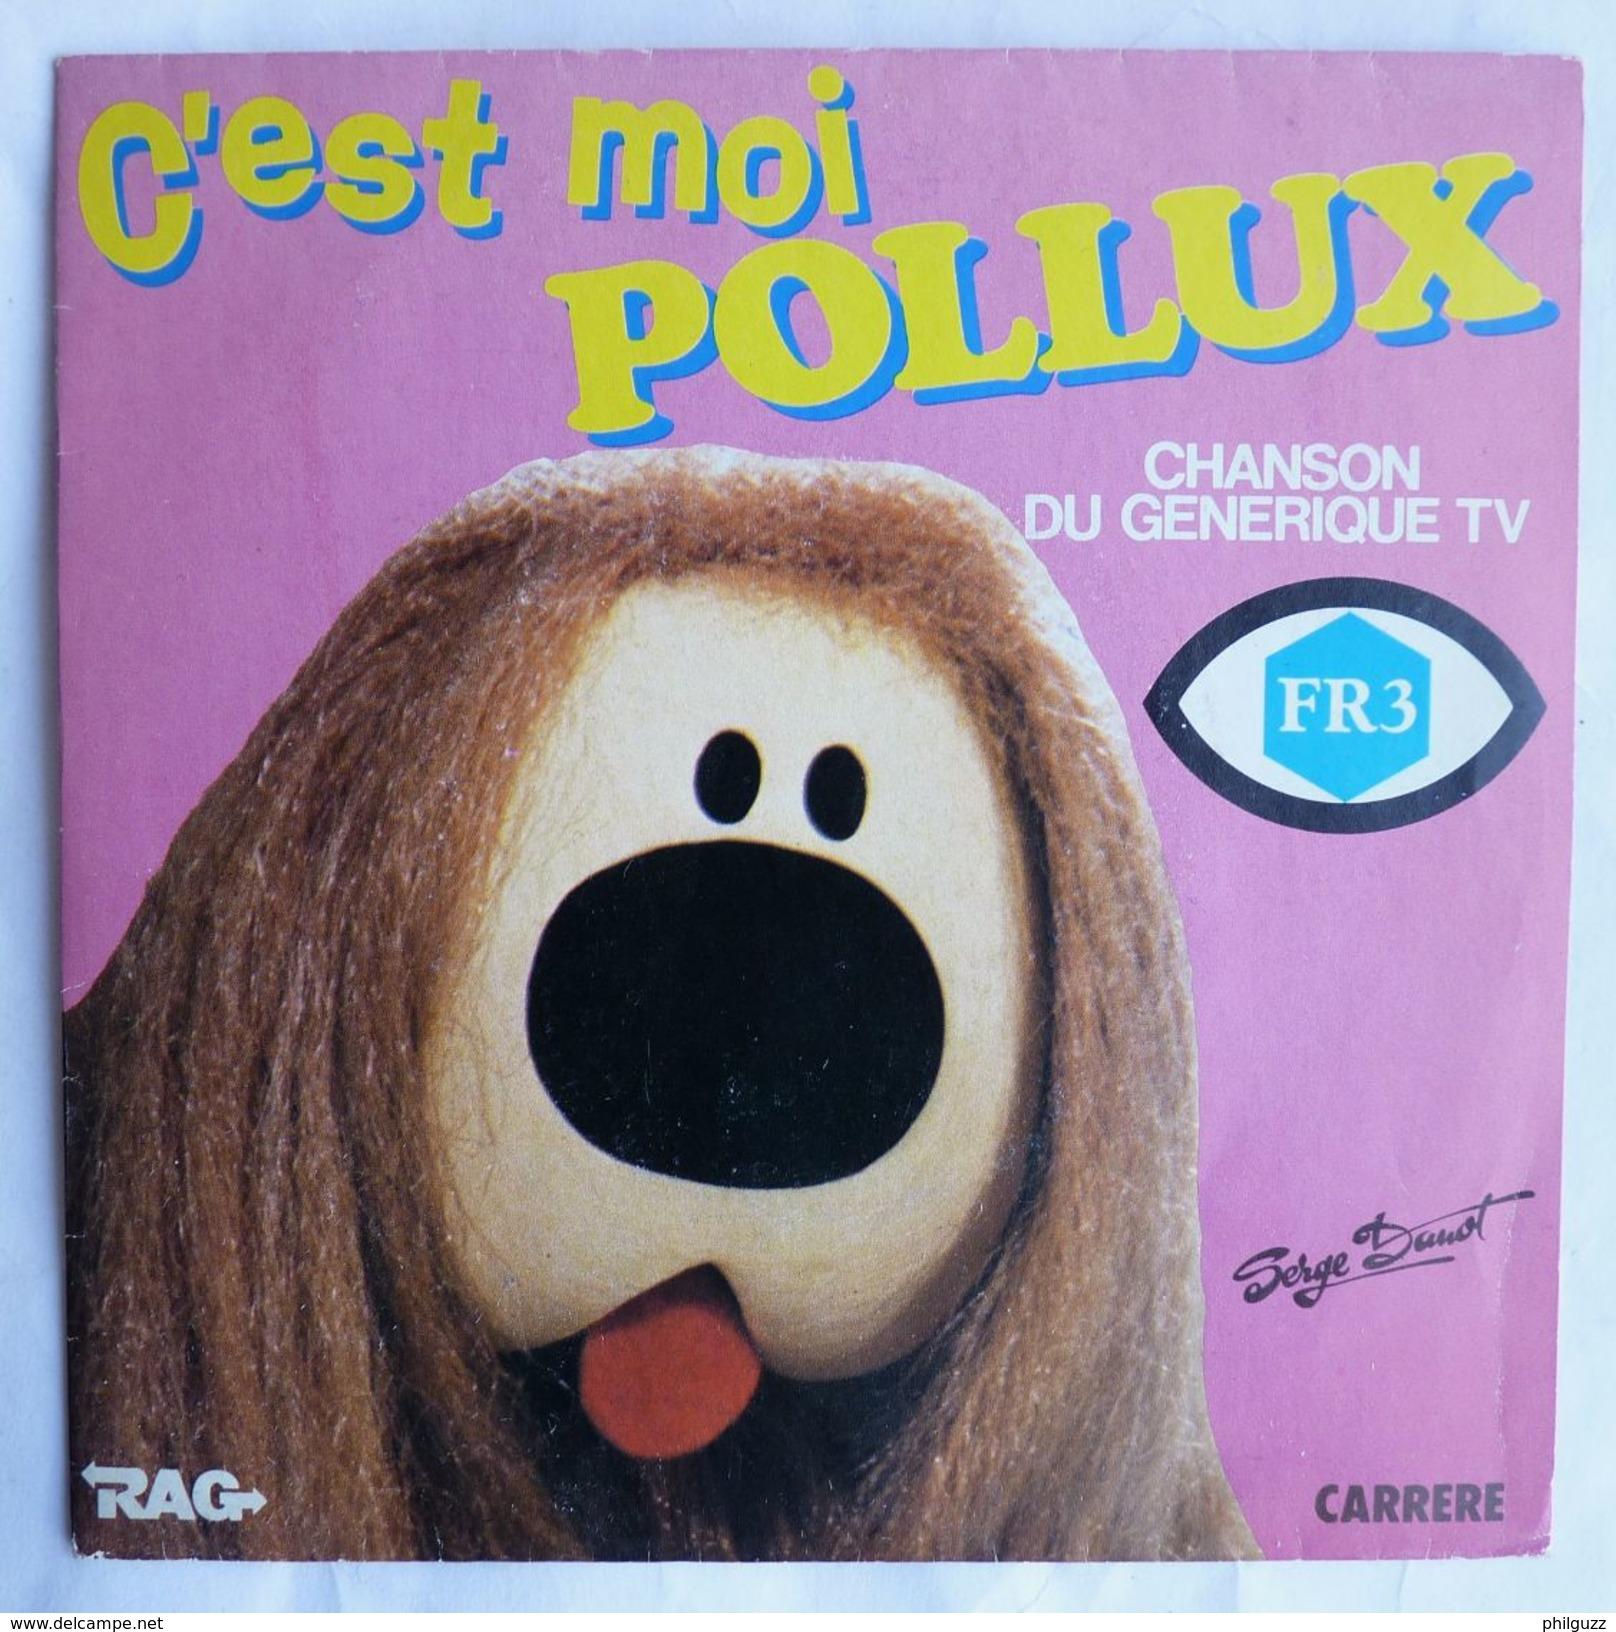 Disque Vinyle 45T C'EST MOI POLLUX - MANEGE ENCHANTE FR3 - S DANOT 1983 - Disques & CD